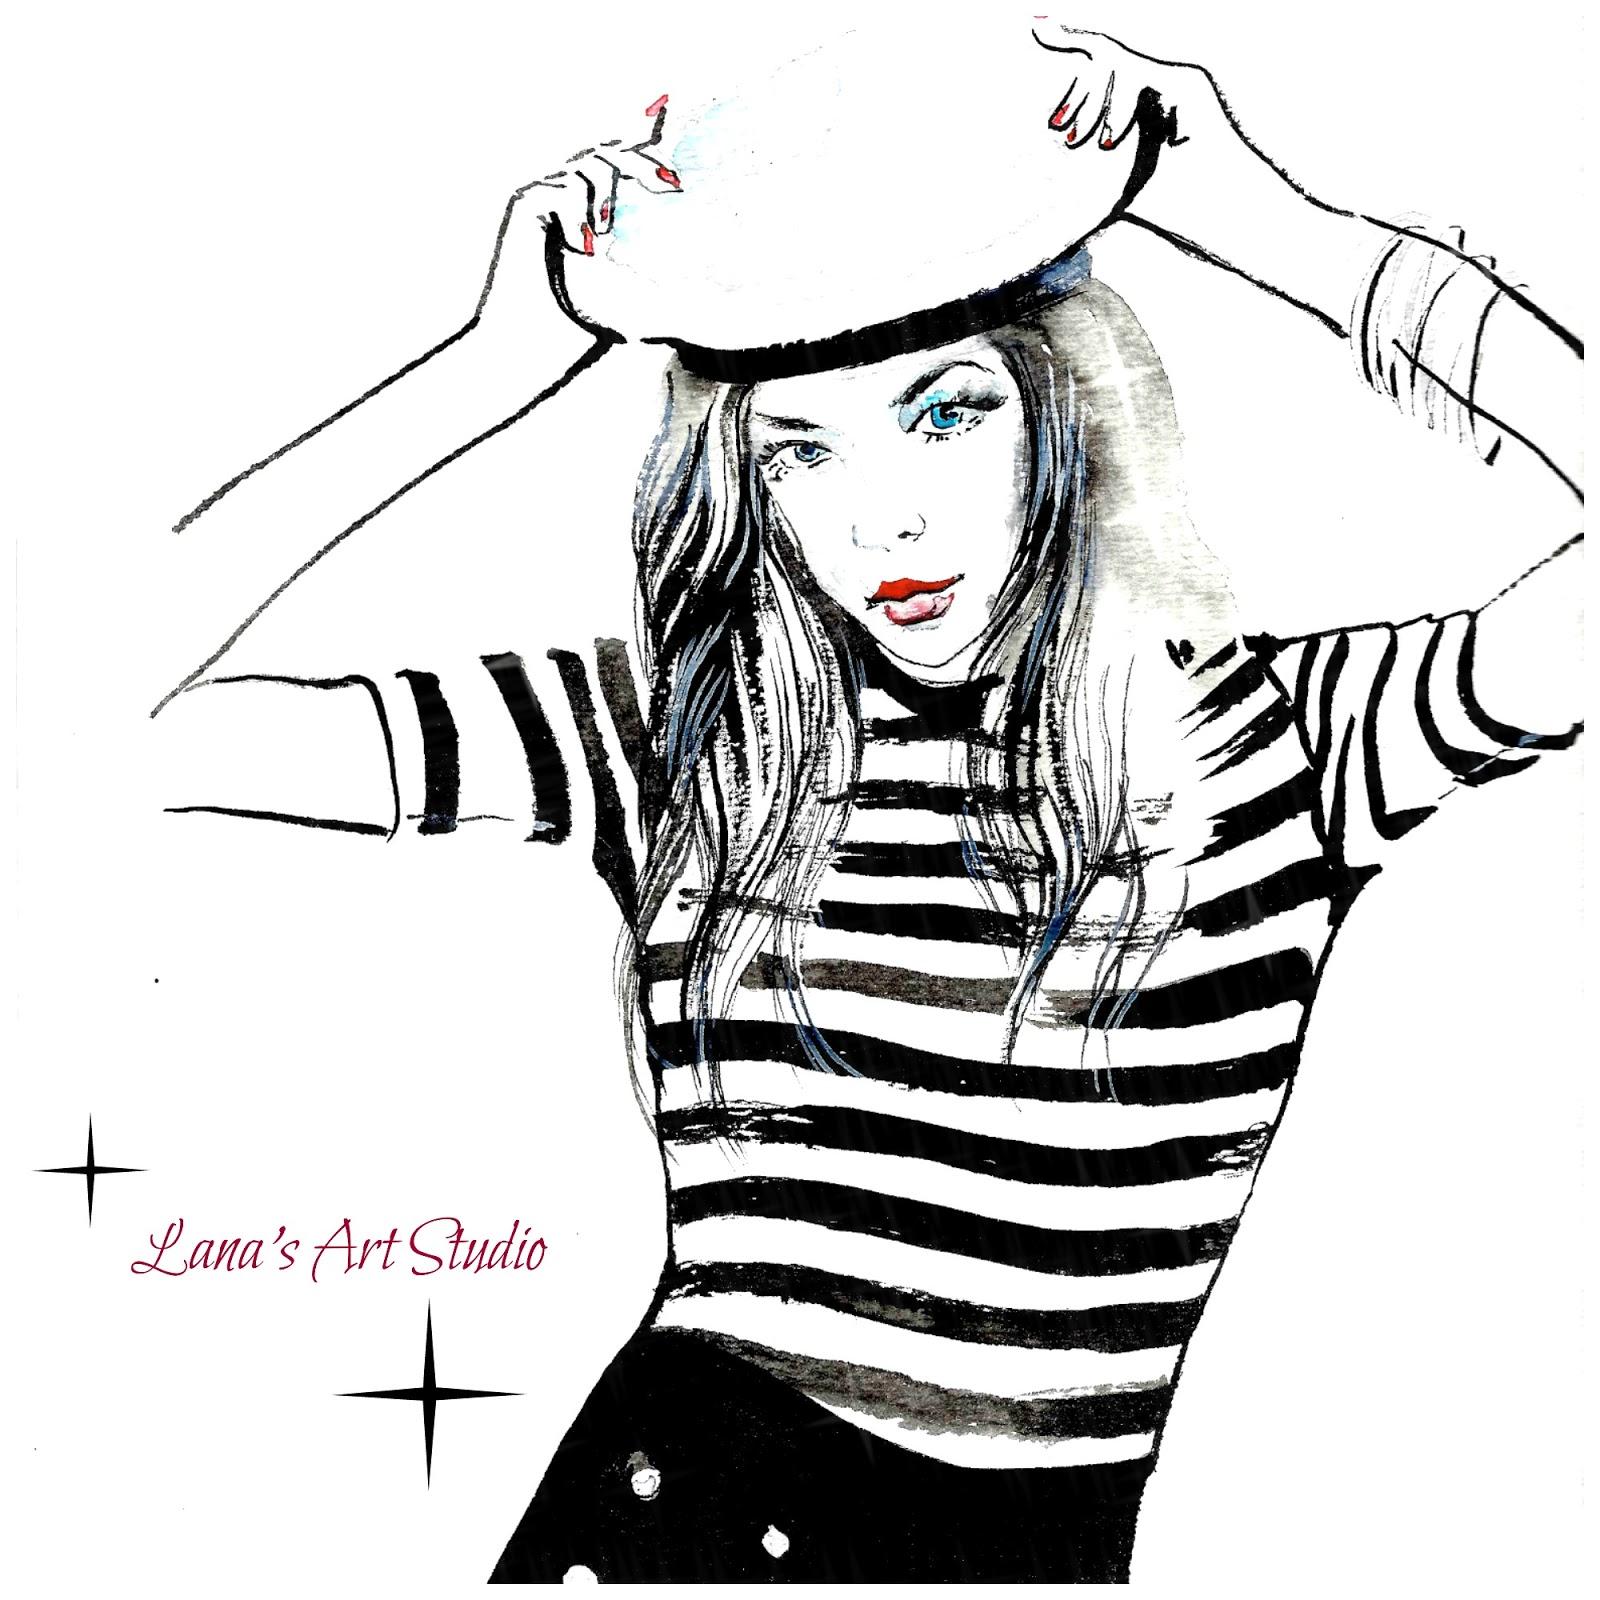 lanasartstudio.blogspot.com